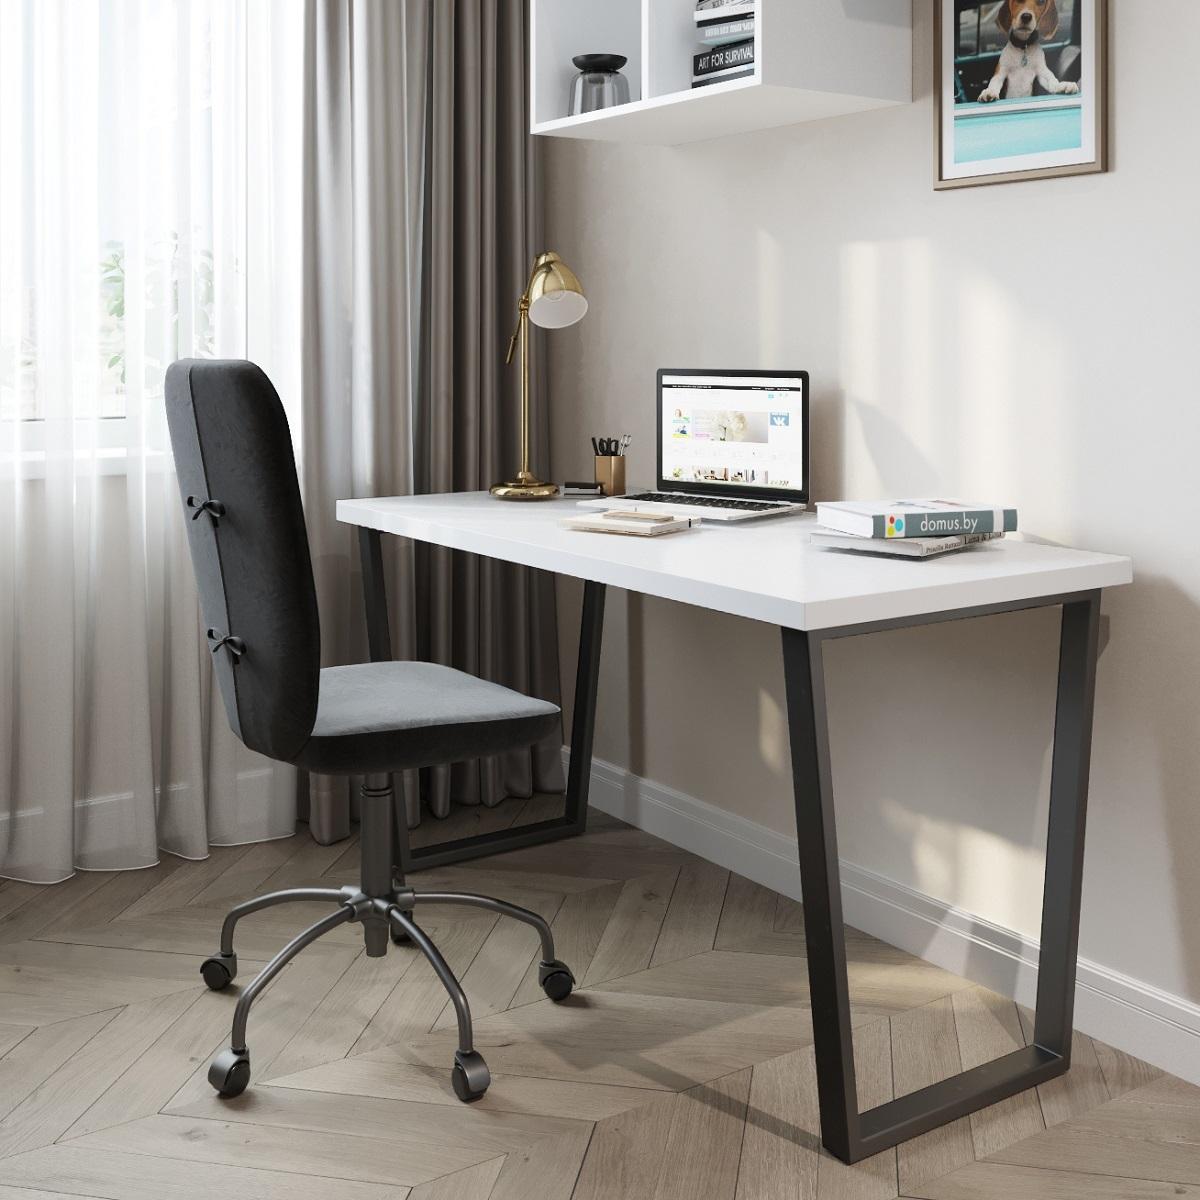 Письменный стол ДОМУС СП013 белый/металл черный